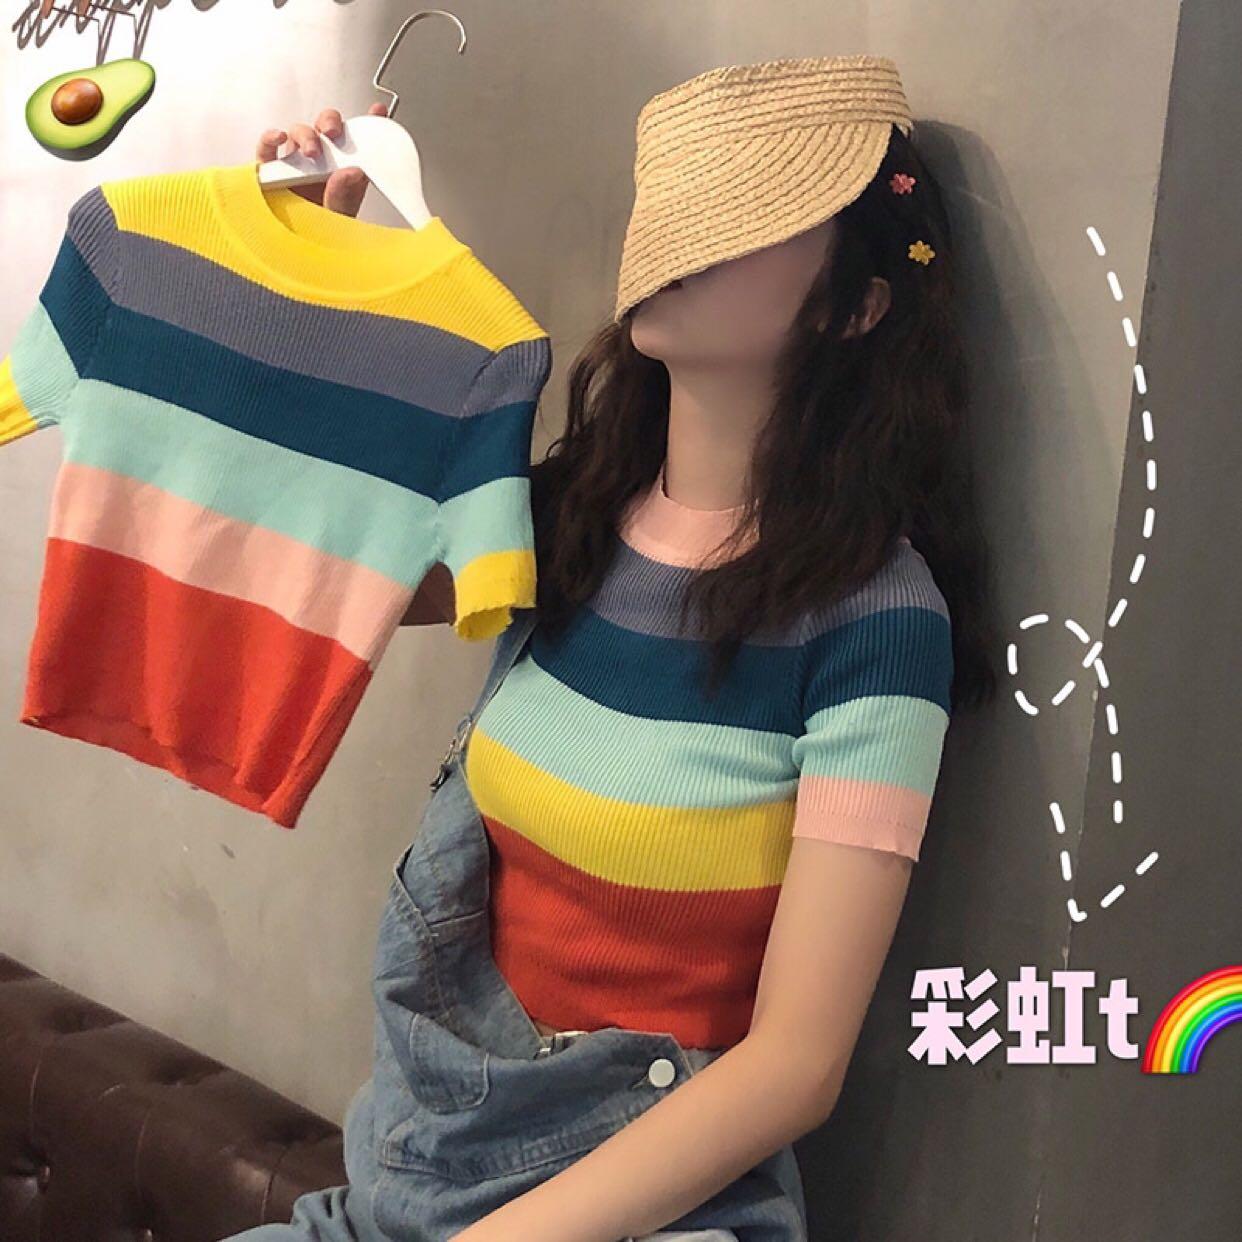 彩色条纹t恤 2020夏季新款韩版彩色条纹露脐短袖针织圆领套头修身打底T恤衫女_推荐淘宝好看的女彩色条纹t恤